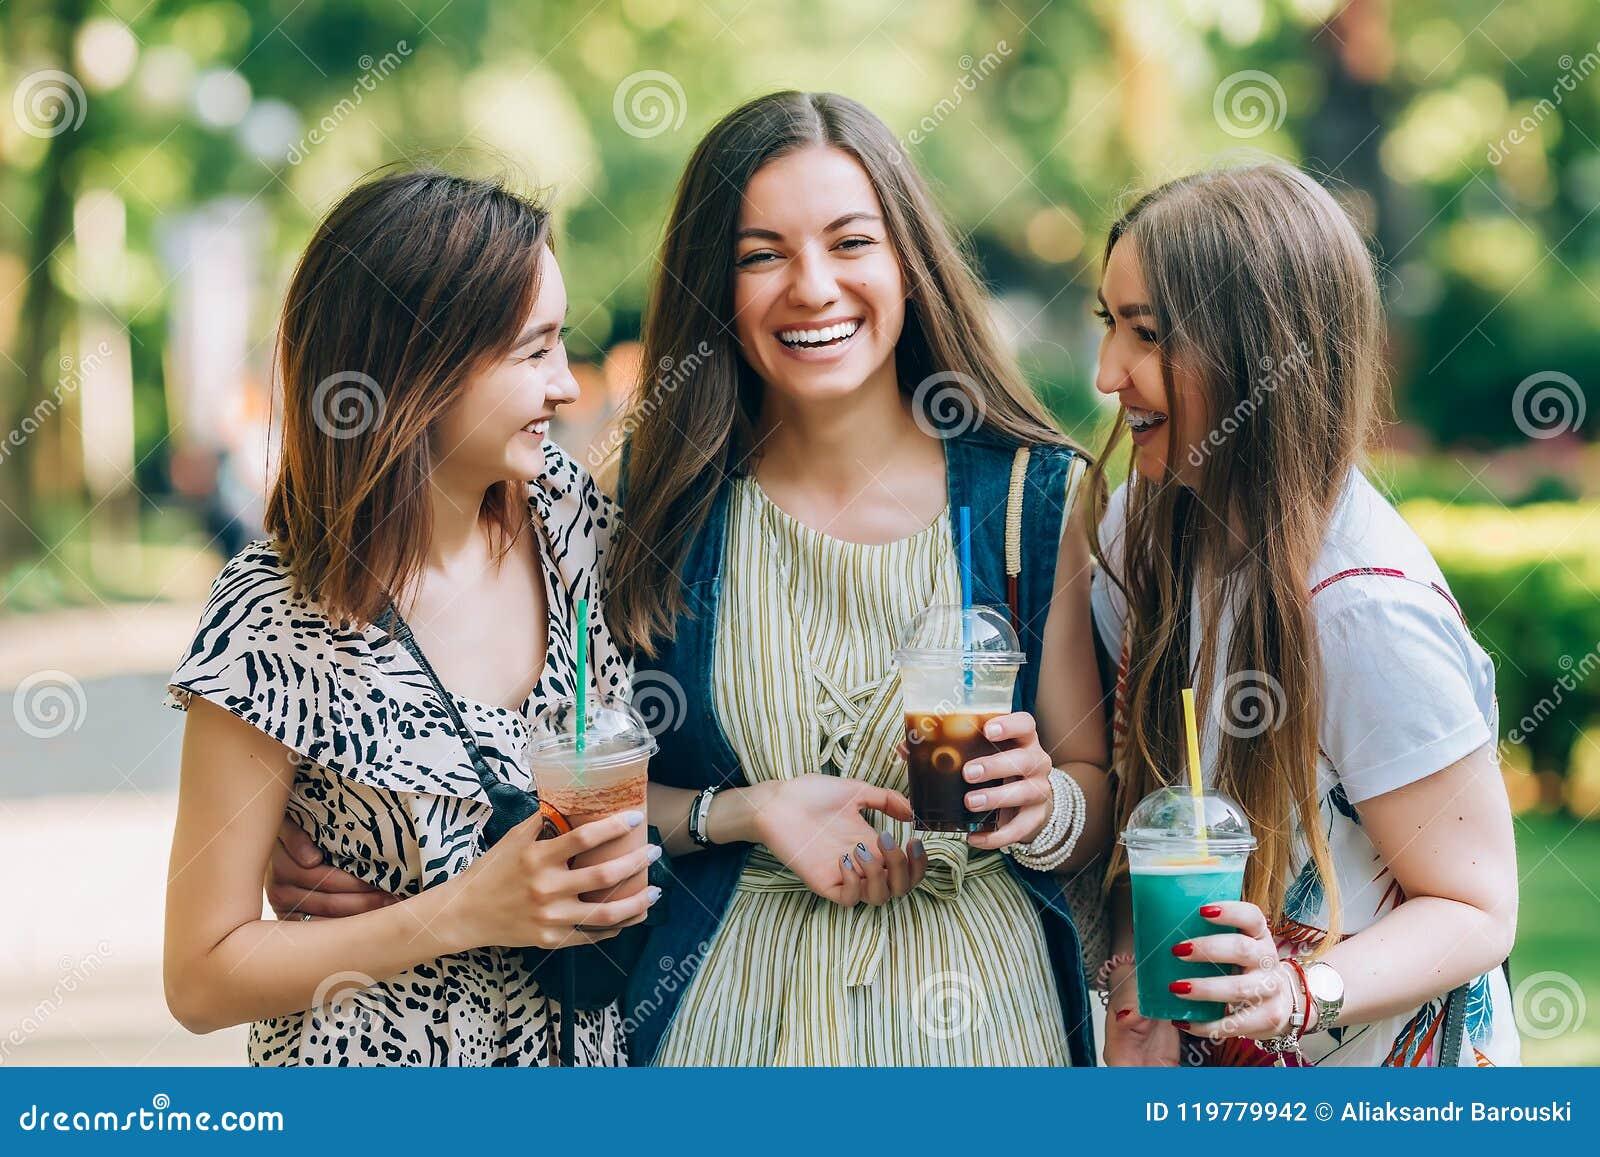 Las mujeres multirraciales del retrato de la forma de vida del verano disfrutan del día agradable, sosteniendo los vidrios de bat